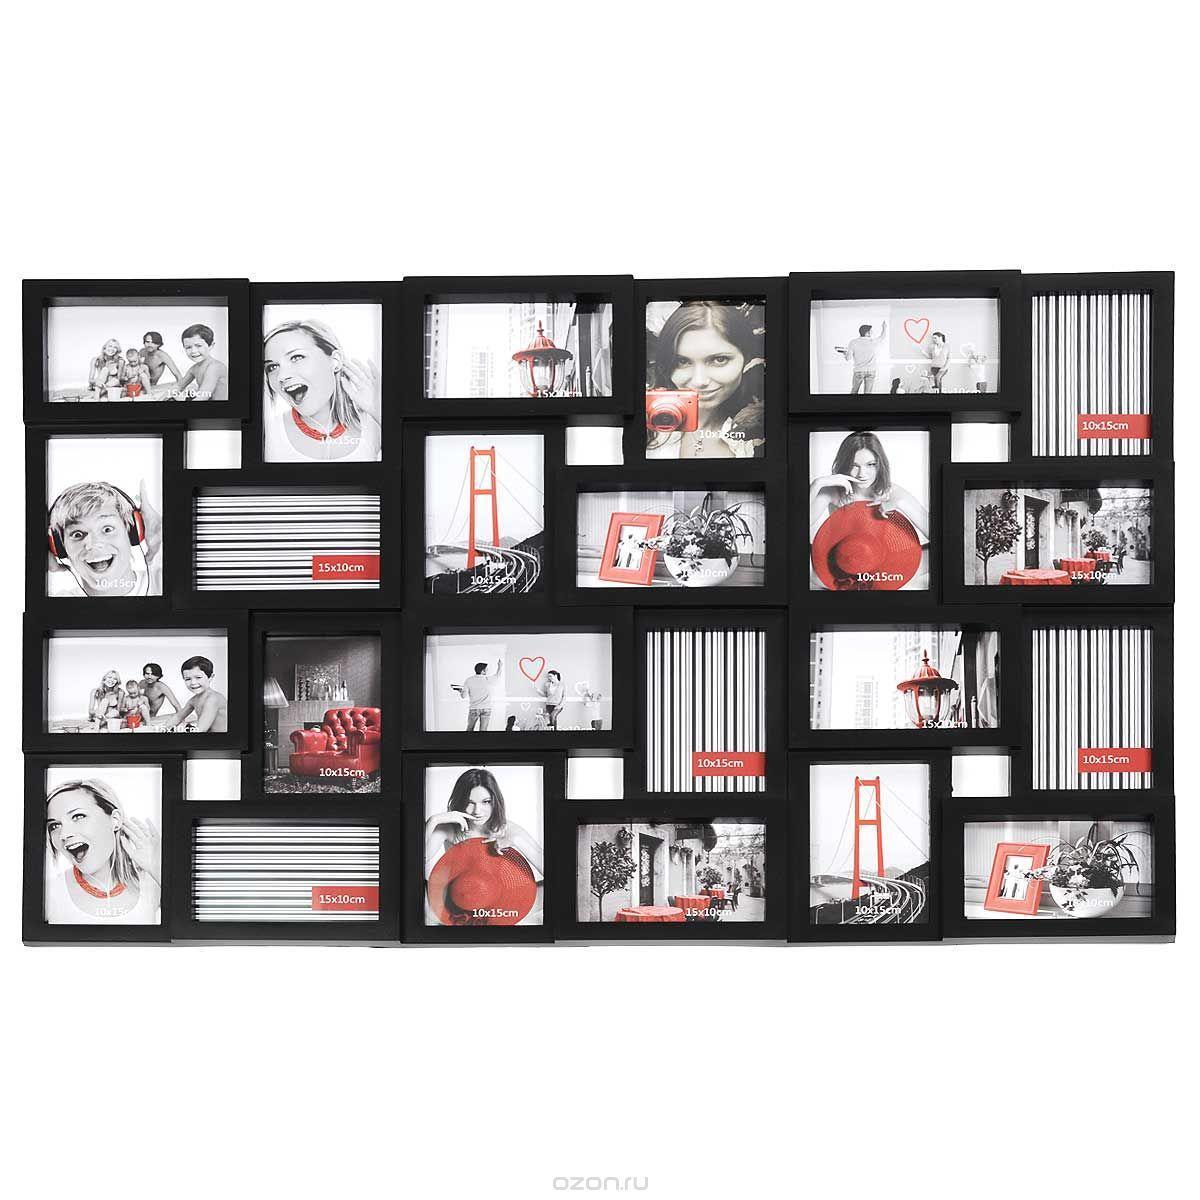 Фоторамка Image Art PL12-245055398689585Фоторамка Image Art - прекрасный способ красиво оформить ваши фотографии. Изделие рассчитано на 24 фотографии. Фоторамка выполнена из металла и защищена стеклом. Фоторамку можно поставить на стол или подвесить на стену, для чего с задней стороны предусмотрены специальные отверстия. Такая фоторамка поможет сохранить на память самые яркие моменты вашей жизни, а стильный дизайн сделает ее прекрасным дополнением интерьера.